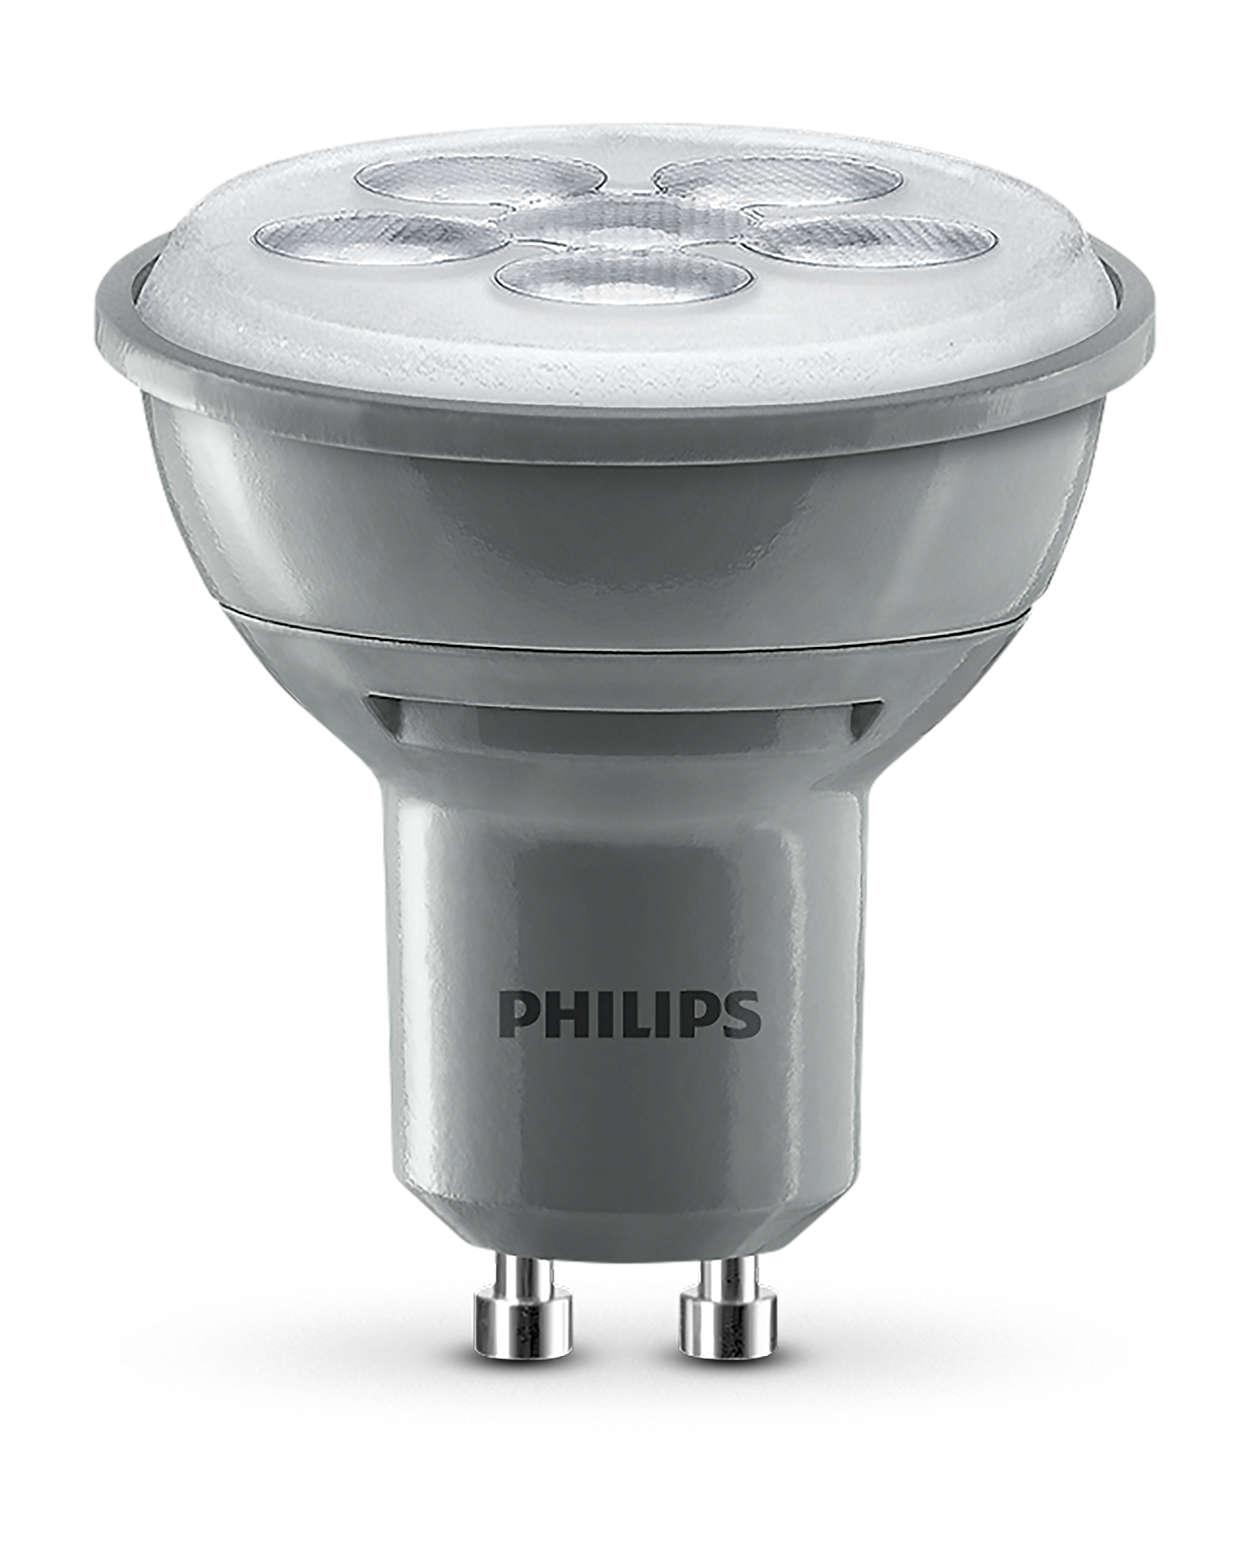 Éclairage de mise en valeur durable avec faisceau lumineux fin